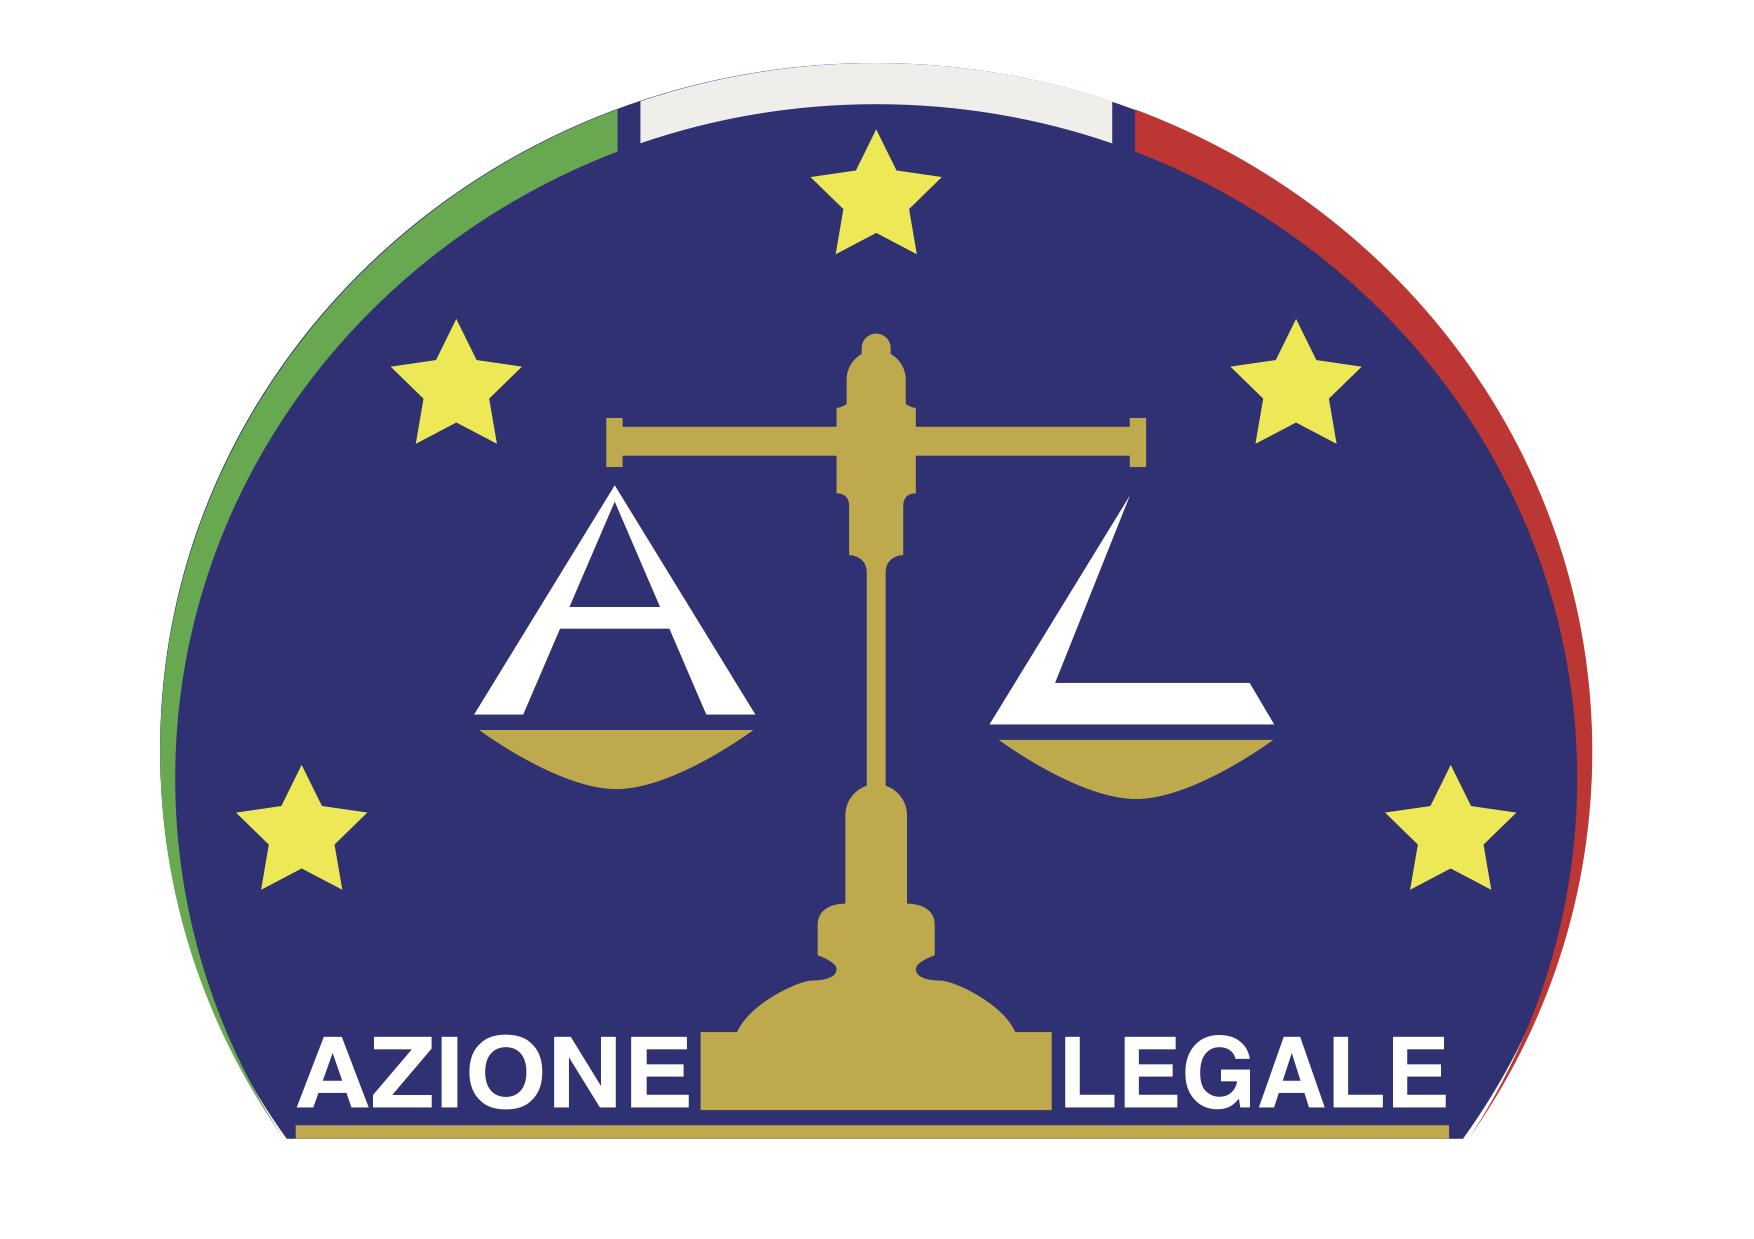 Azione Legale